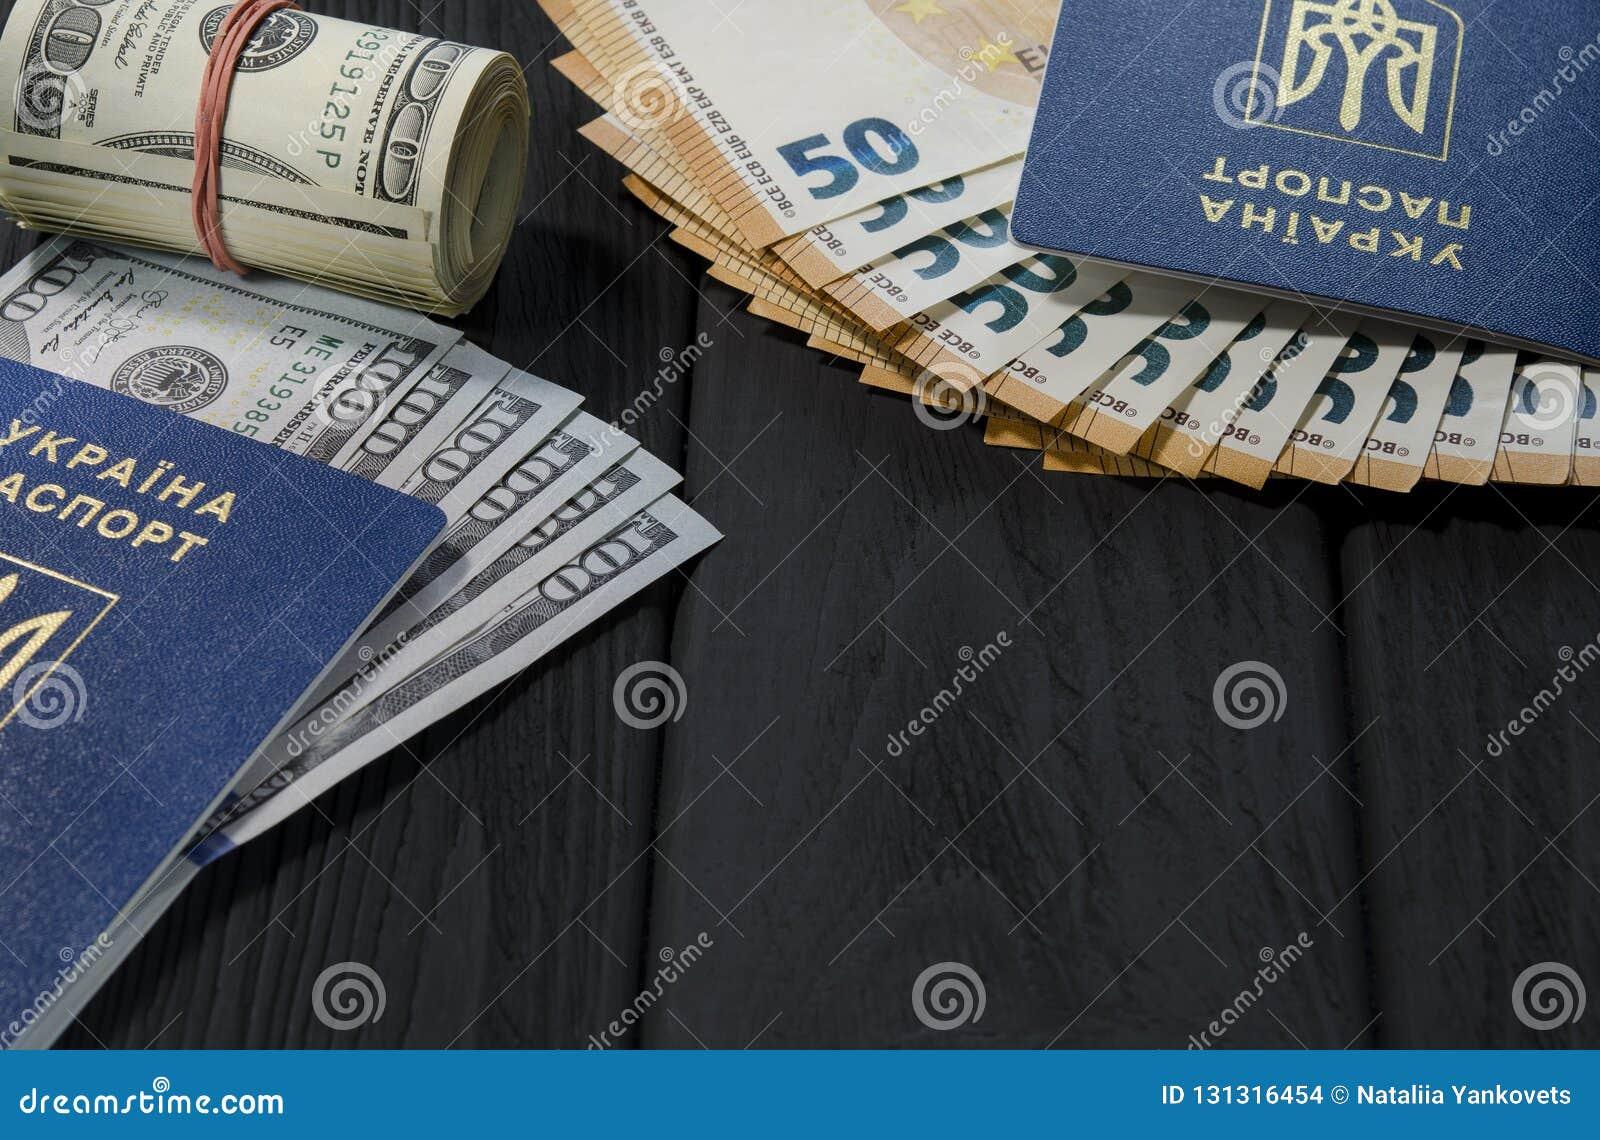 Толстый крен старых 100 долларовых банкнот связанных с красной круглой резинкой лежит рядом с биометрическими паспортами граждан